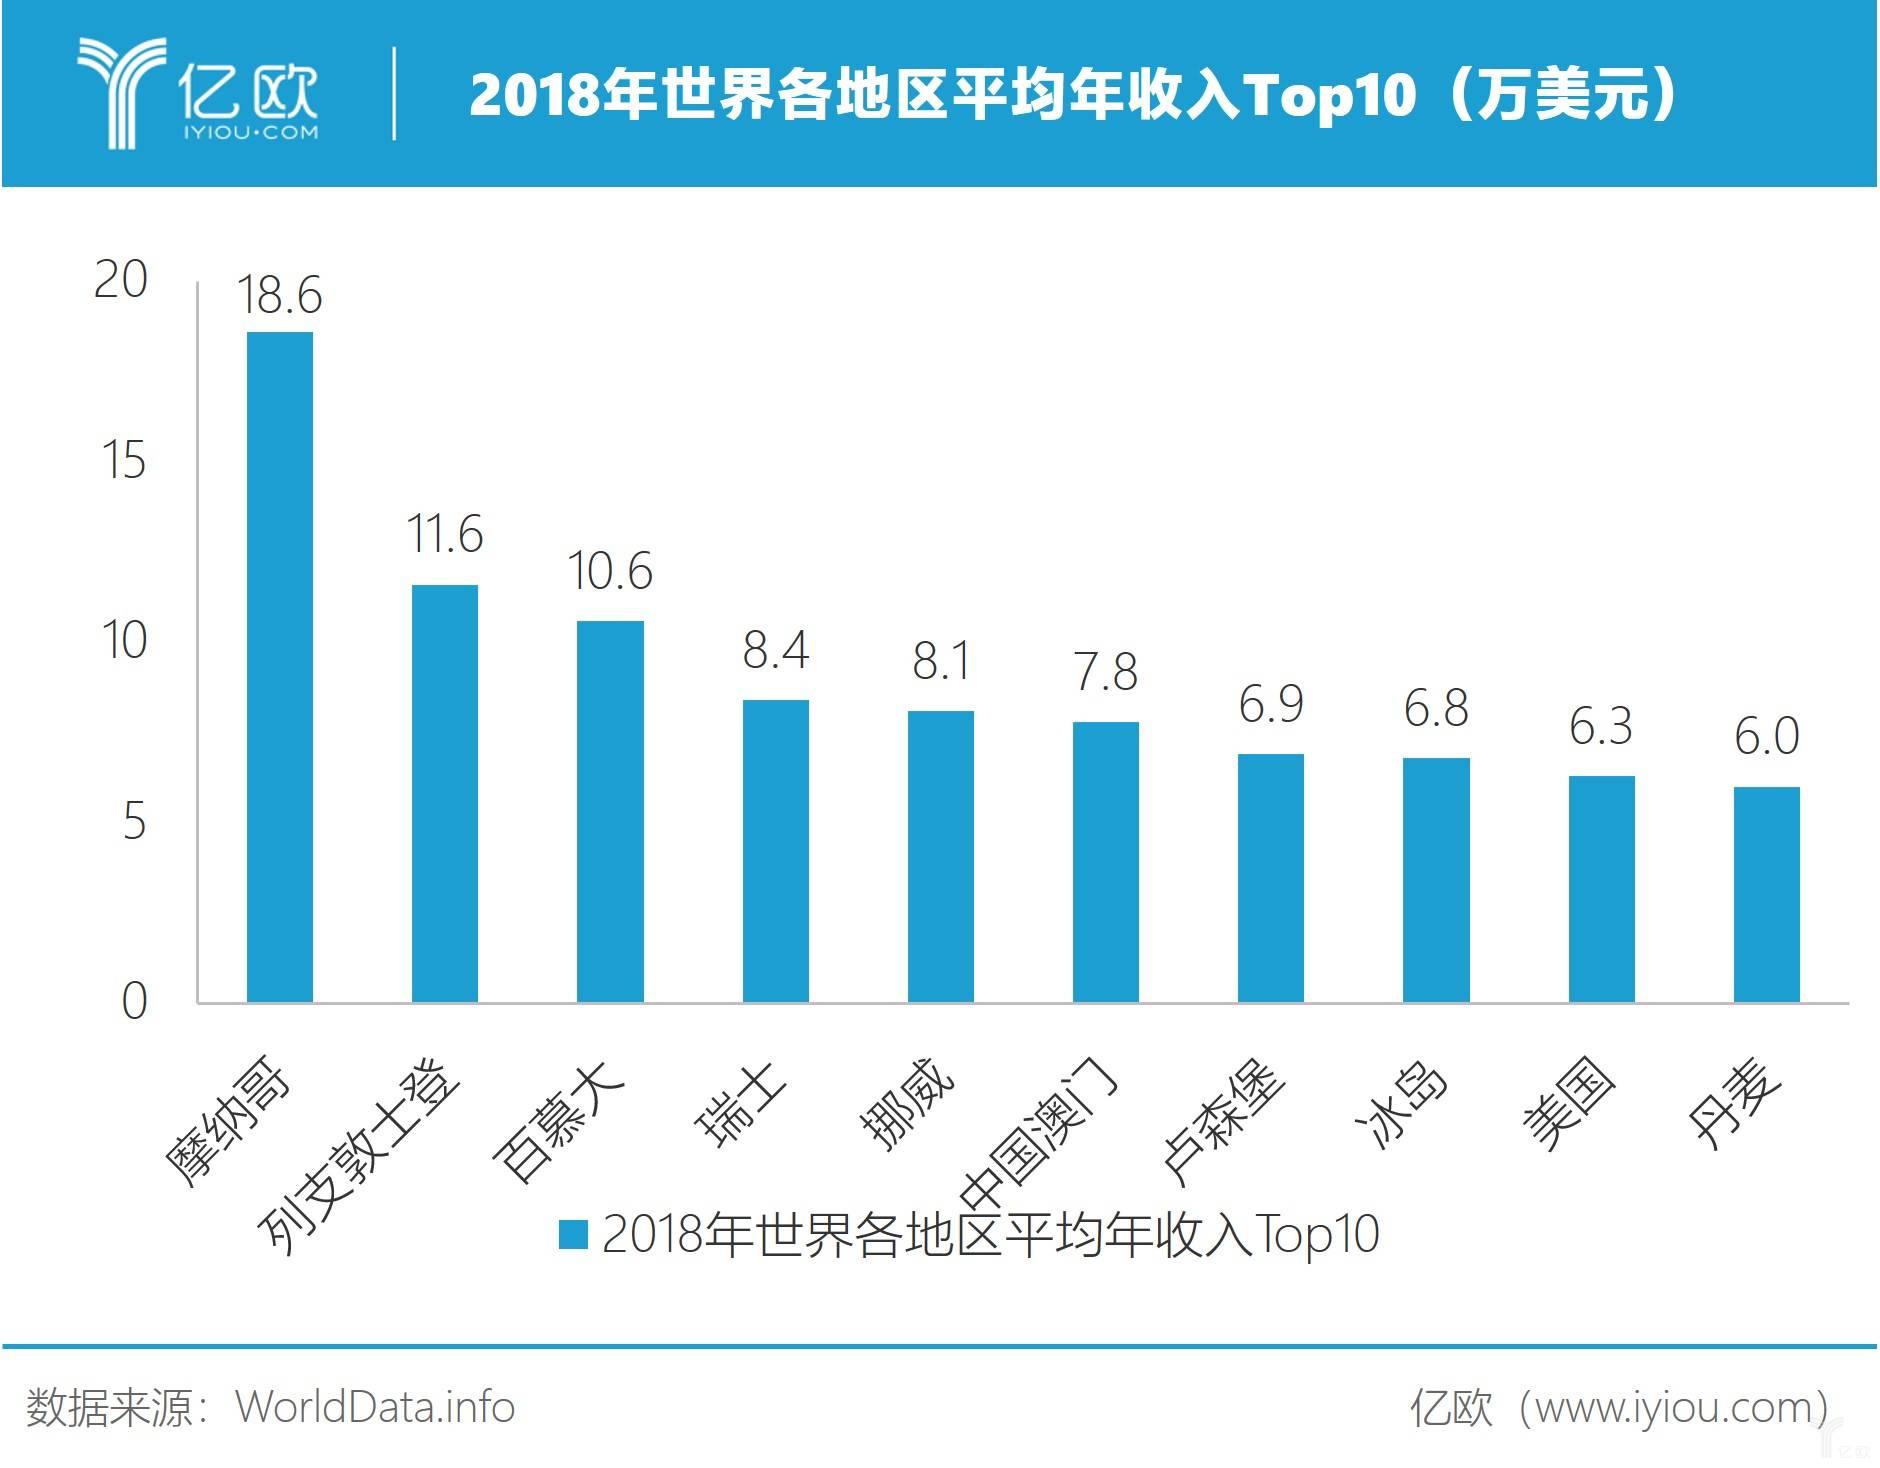 2018年世界各地区平均年收好Top10